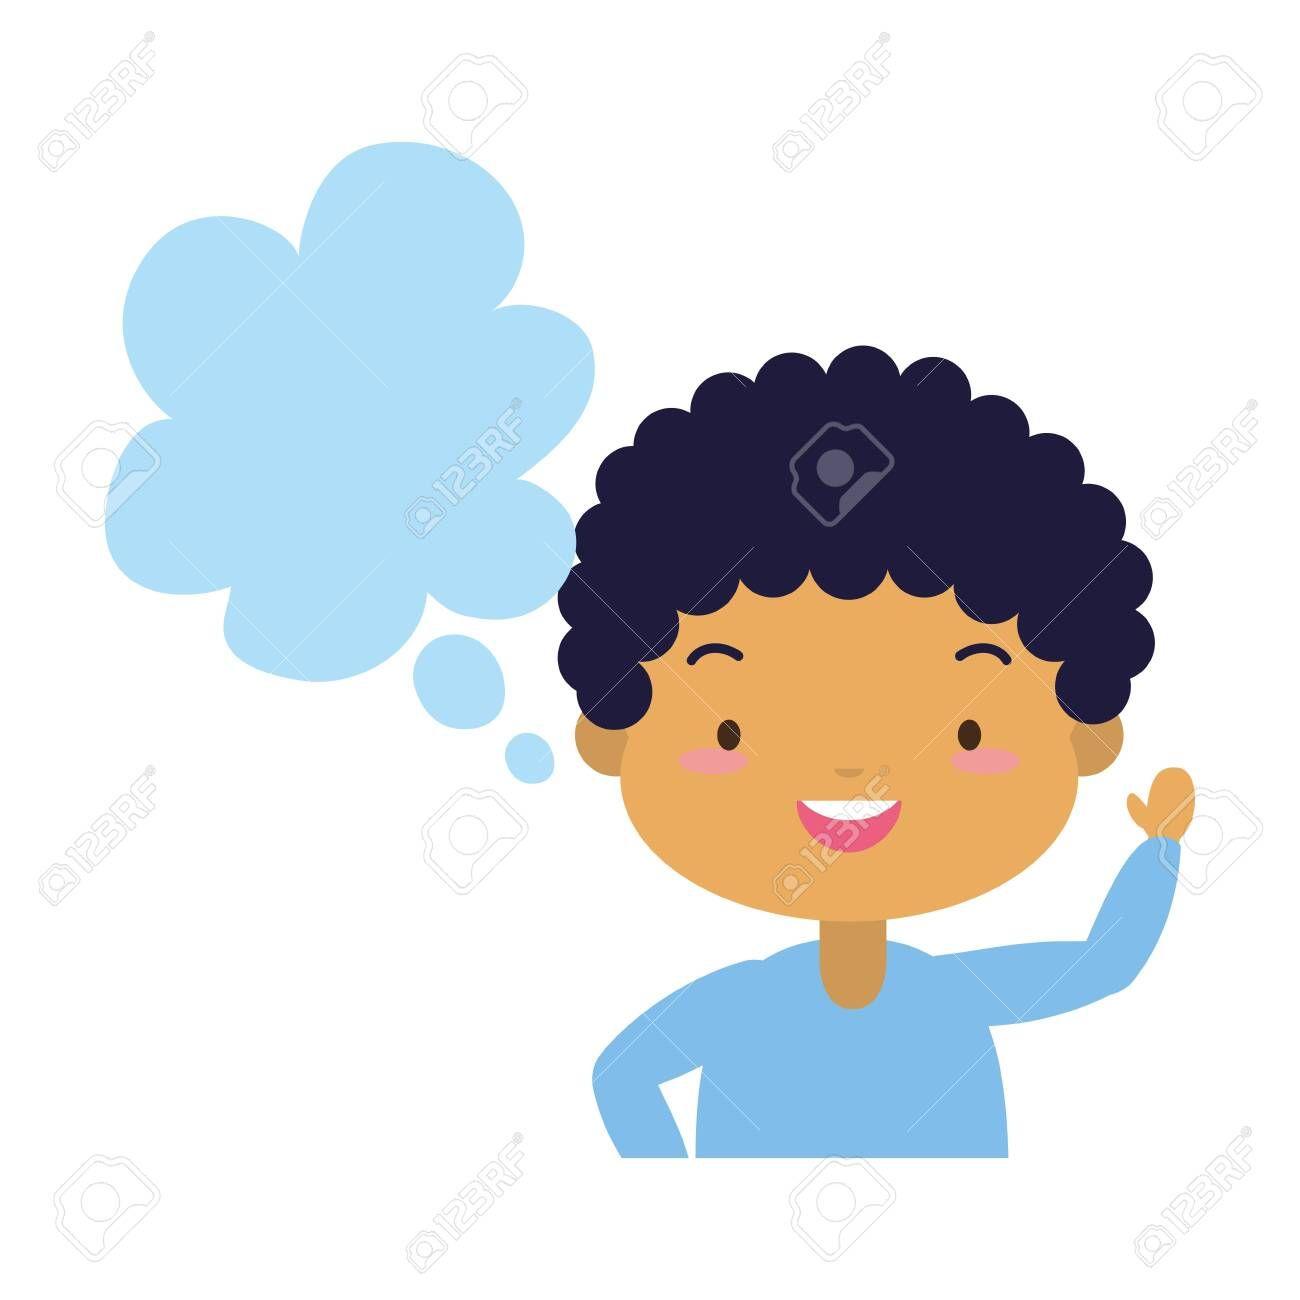 school boy speech bubble white background vector illustration , #AD, #speech, #bubble, #school, #boy, #vector